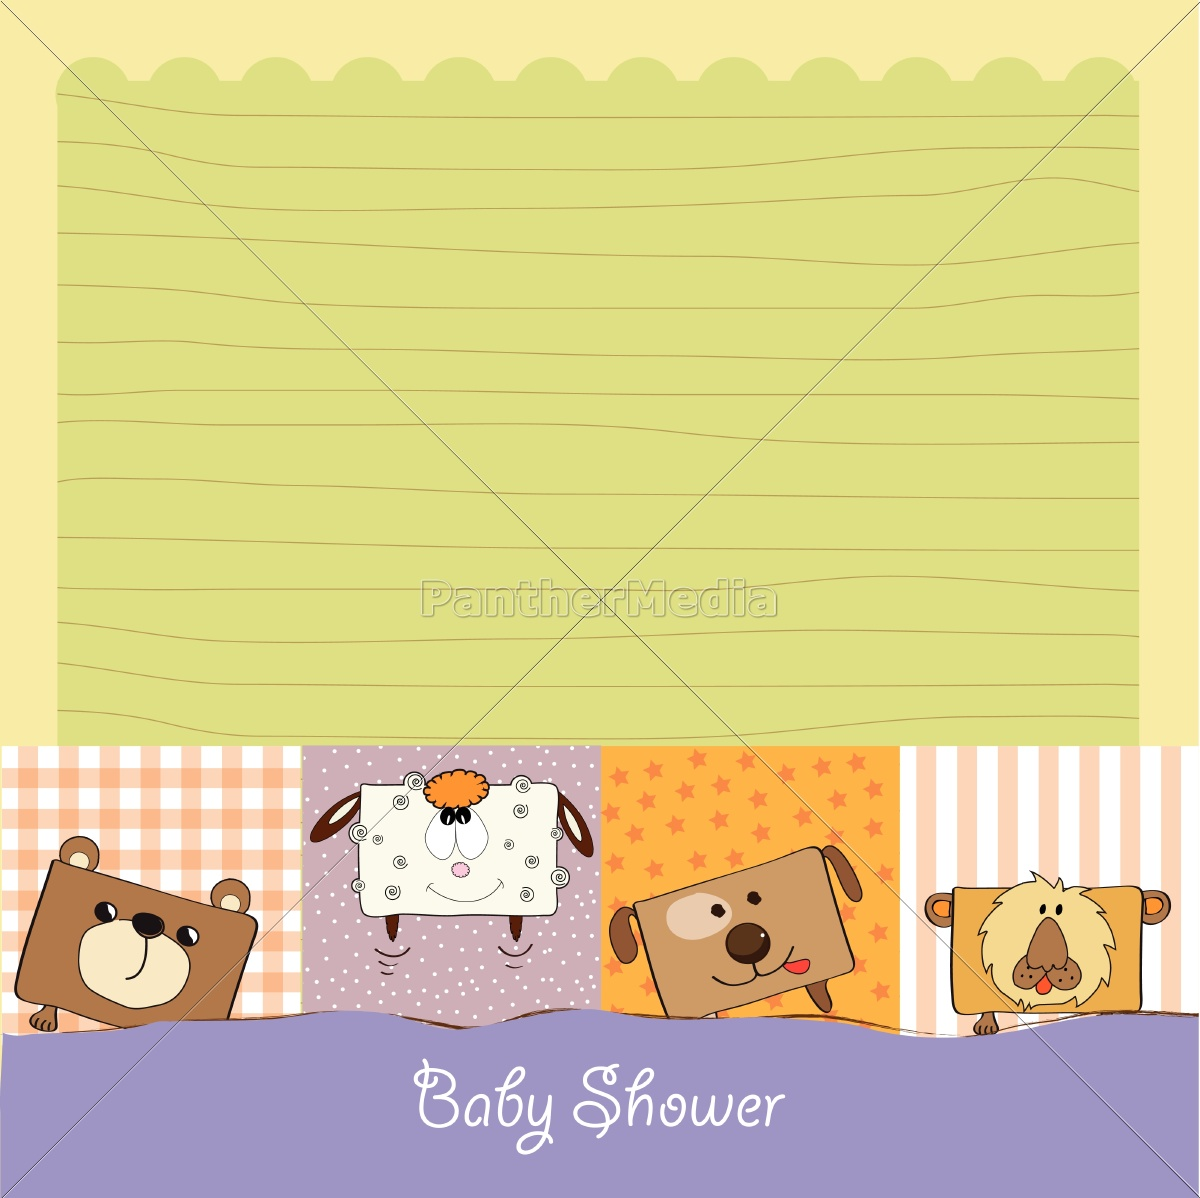 bebé, tarjeta, de, ducha, con, divertidos - 10309049